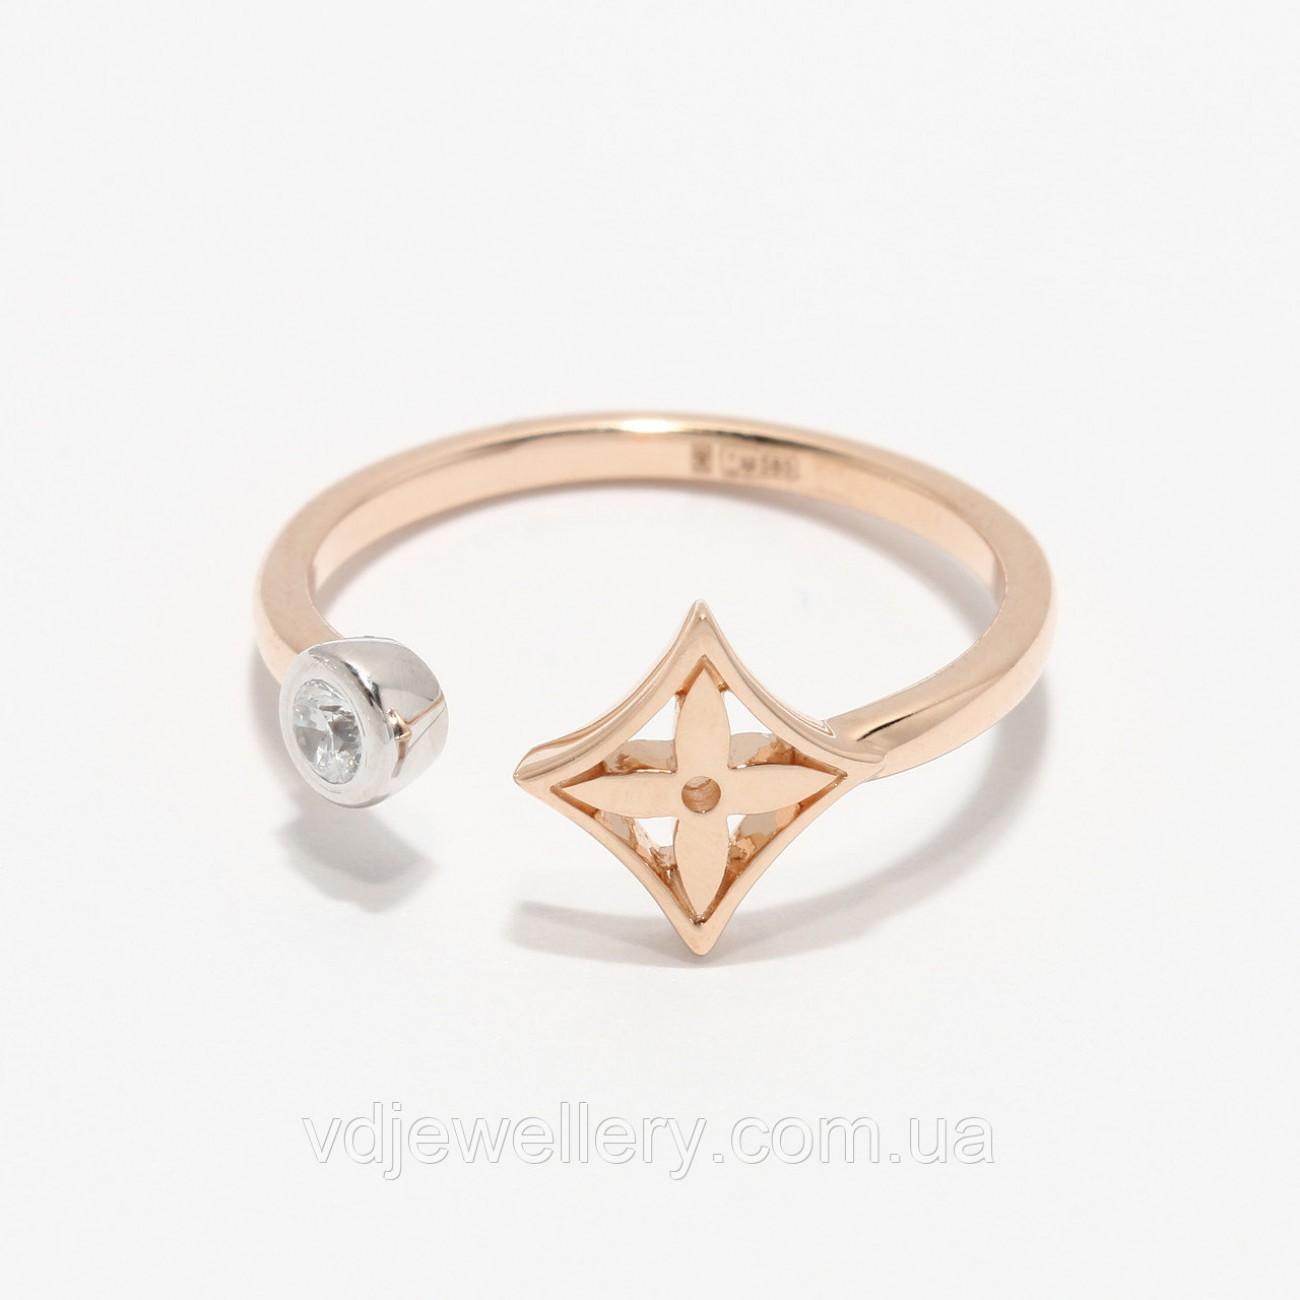 Золотое кольцо Louis Vuitton НХК-66